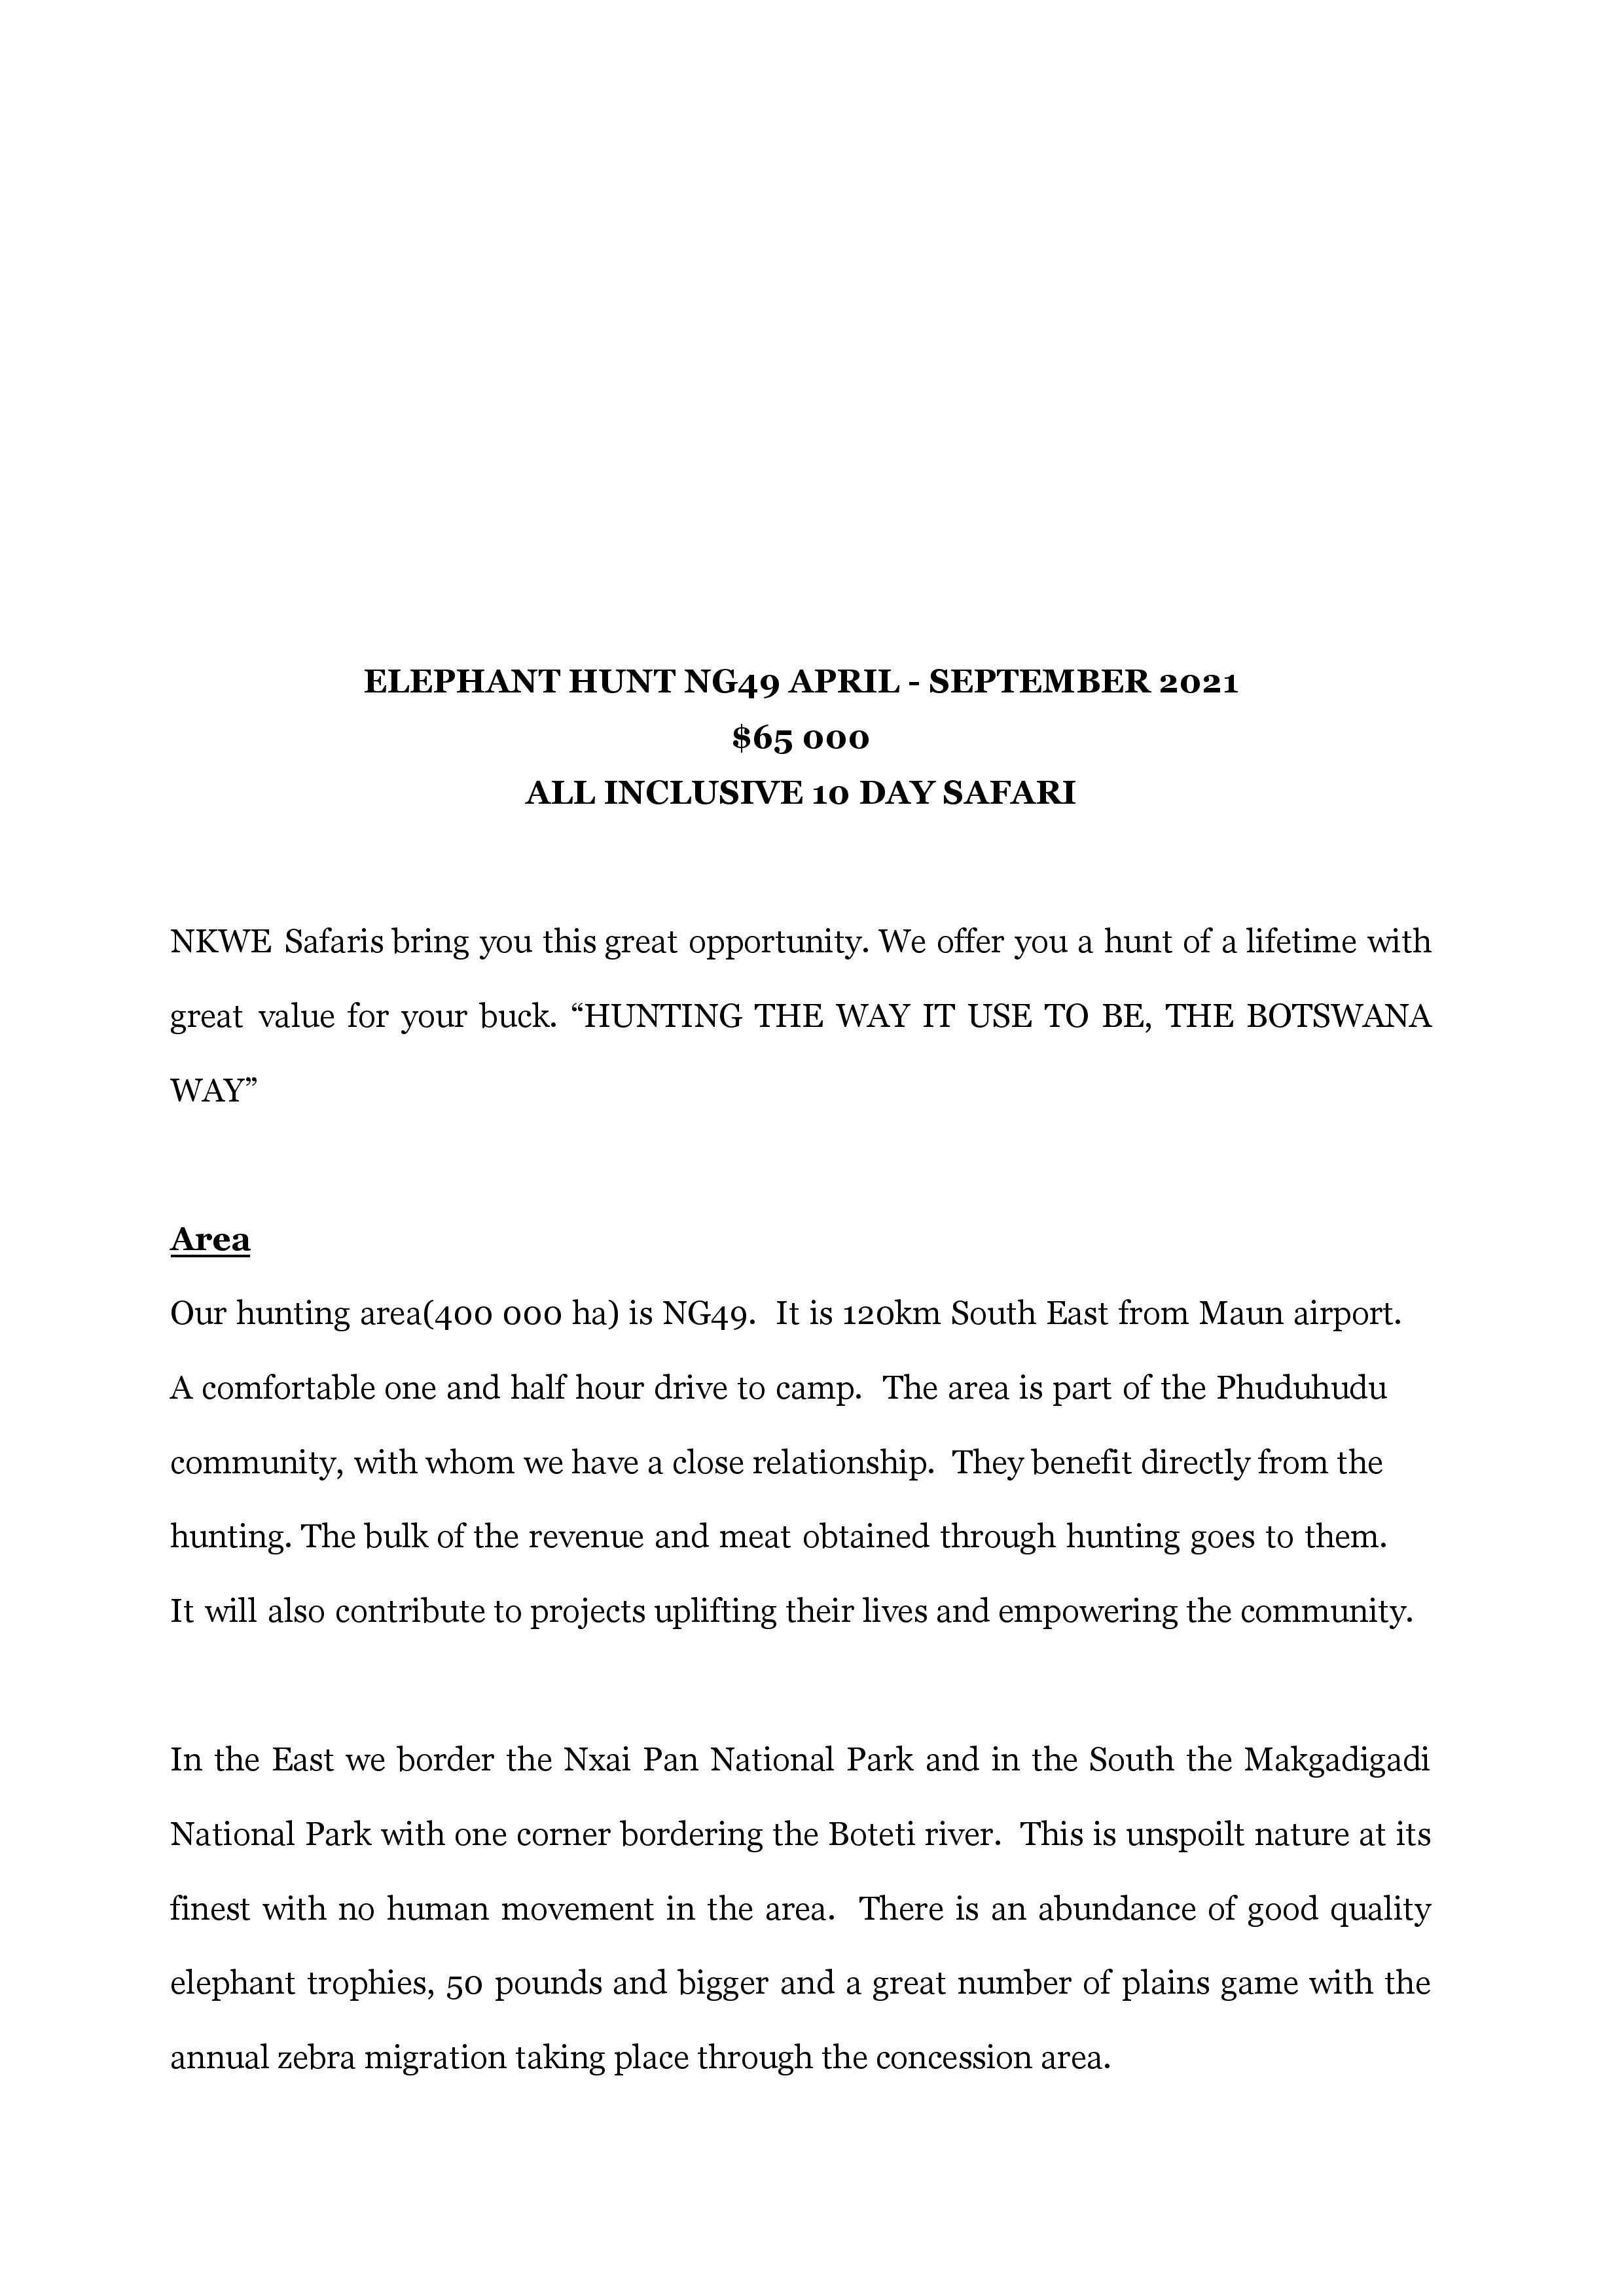 Elephant Hunting NG49 Nkwe-page-001.jpg